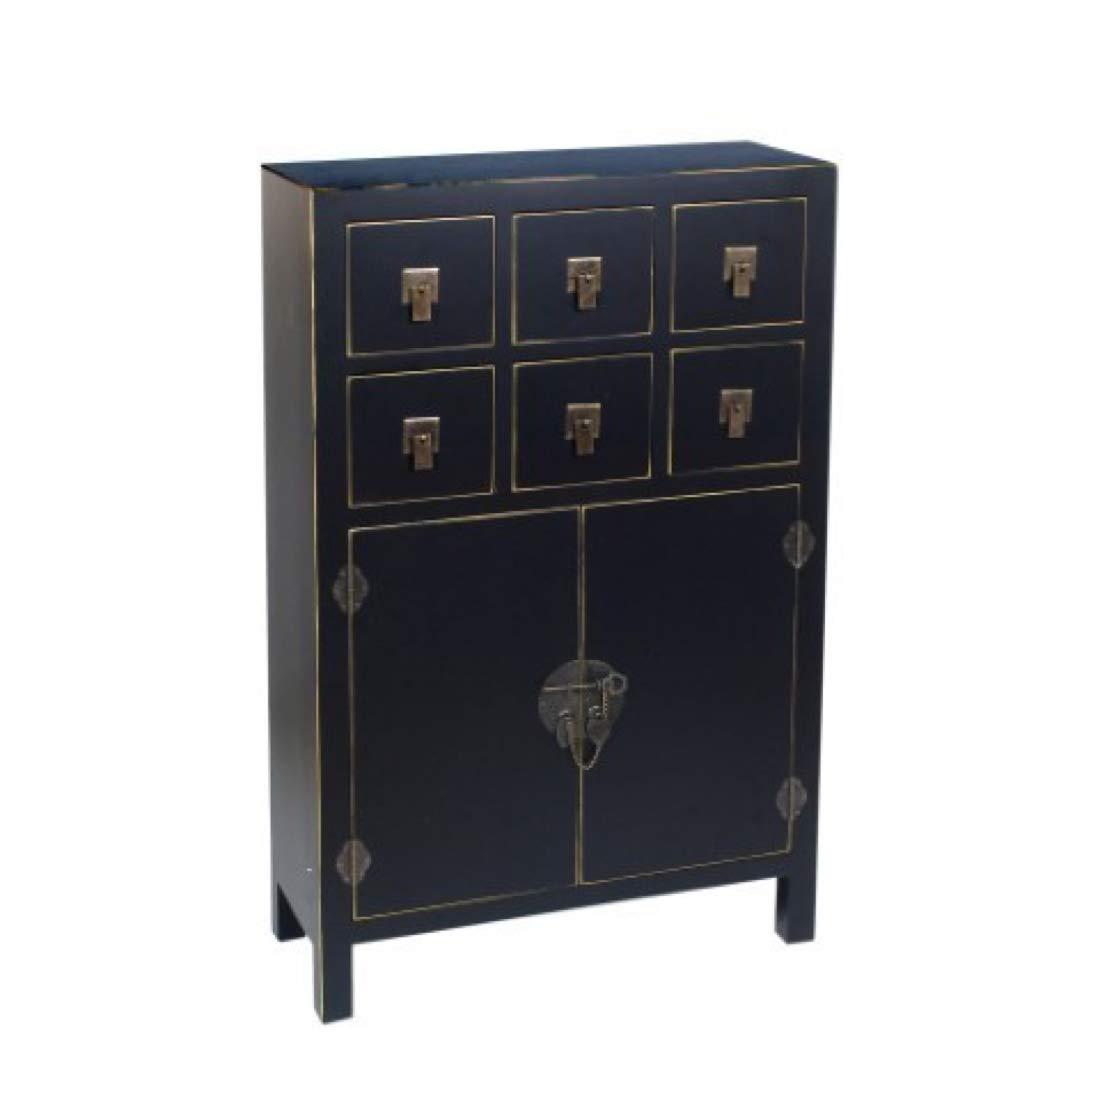 Vidal Regalos Kommodenschrank Retro, mit 2 Türen und 6 Schubladen, Holz, schwarz, 107 cm